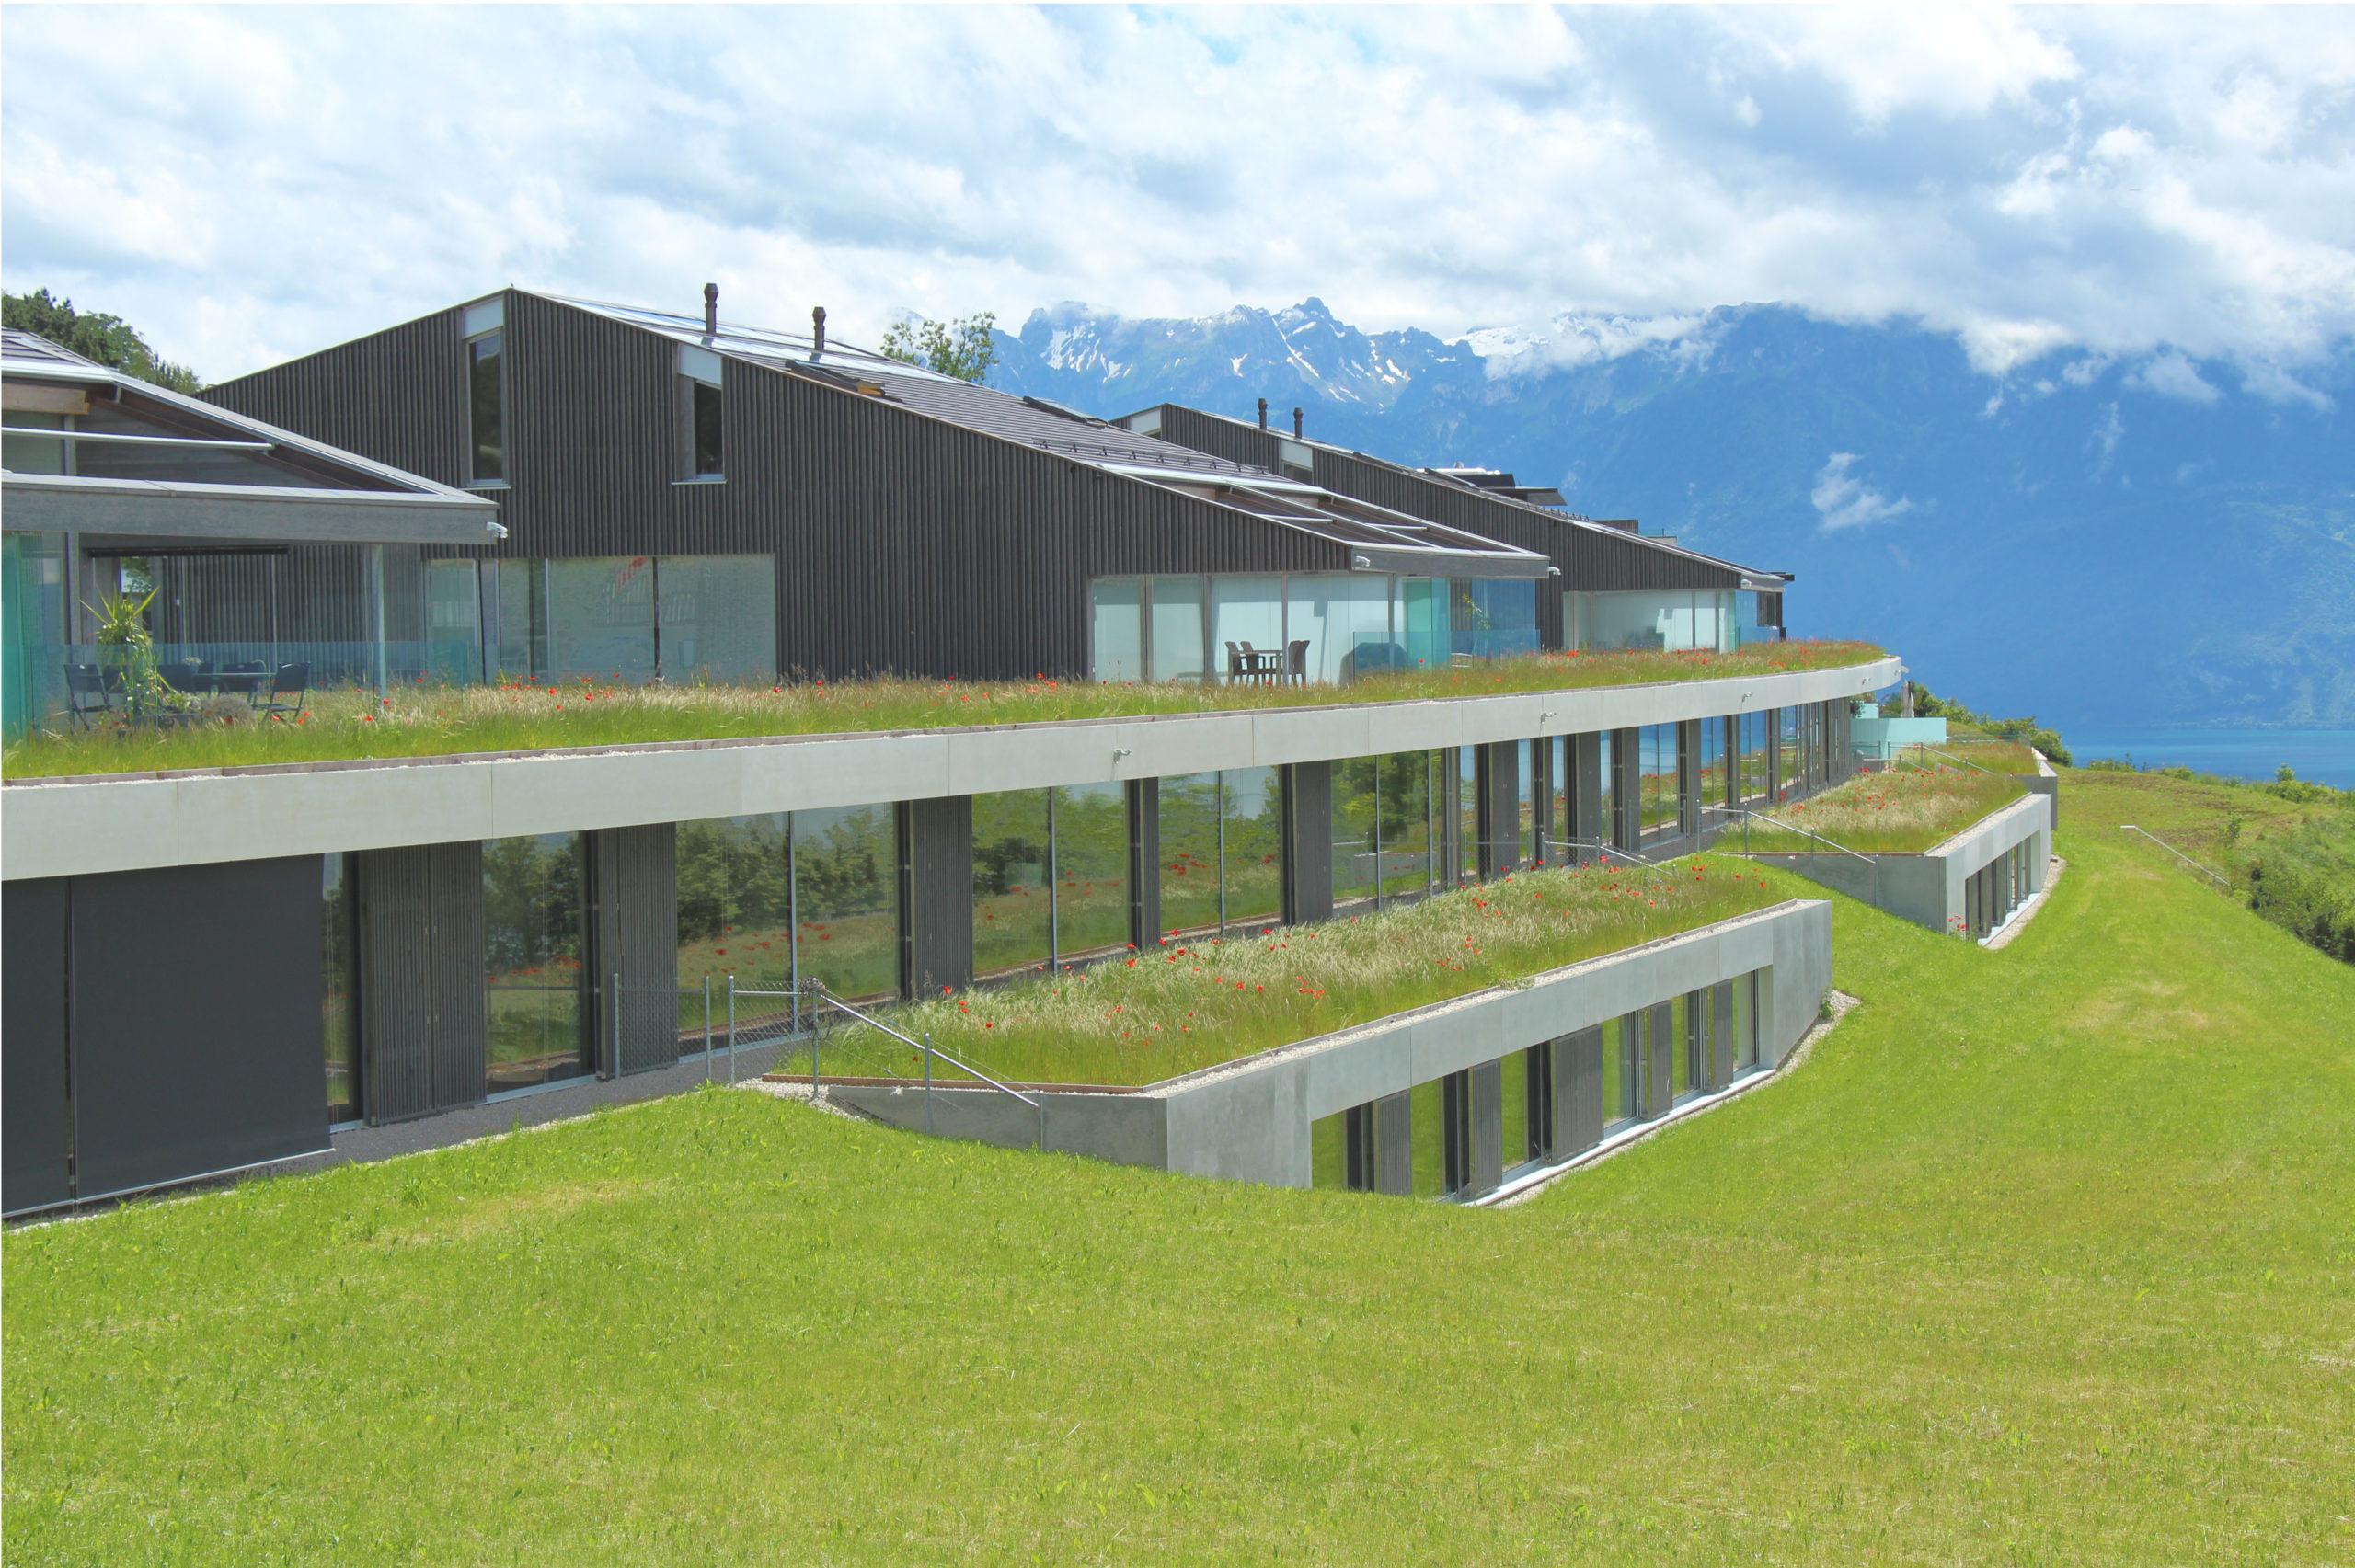 projet d'un nouveau quartier d'habitations- Minergie - Vaud - vue sud